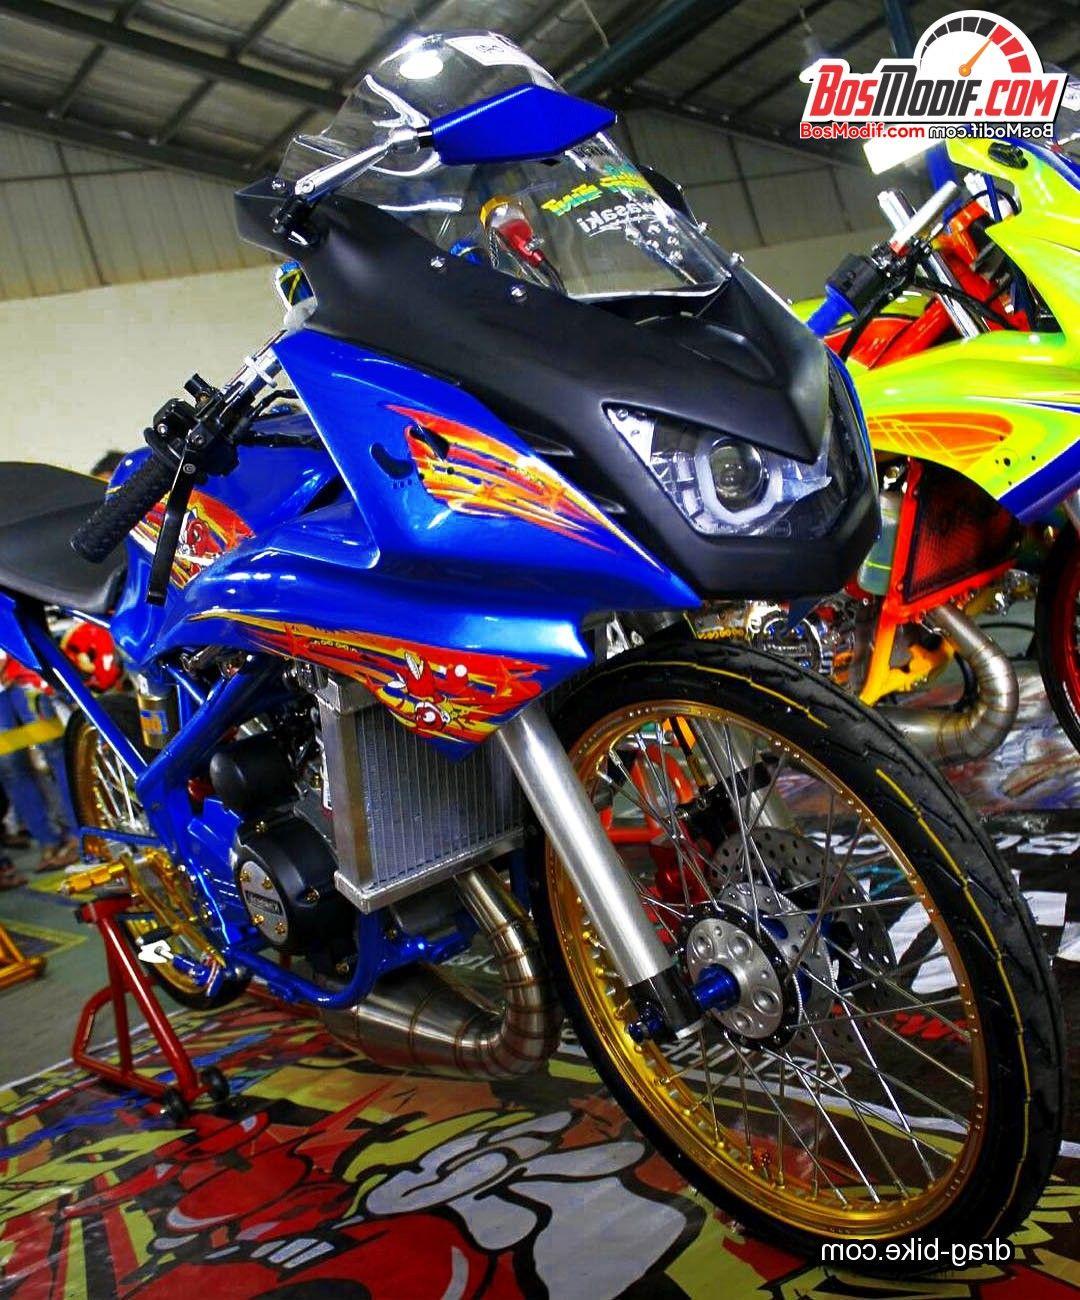 99 Gambar Motor Ninja 4 Tak Jari Terlengkap Obeng 55 Foto Modifikasi